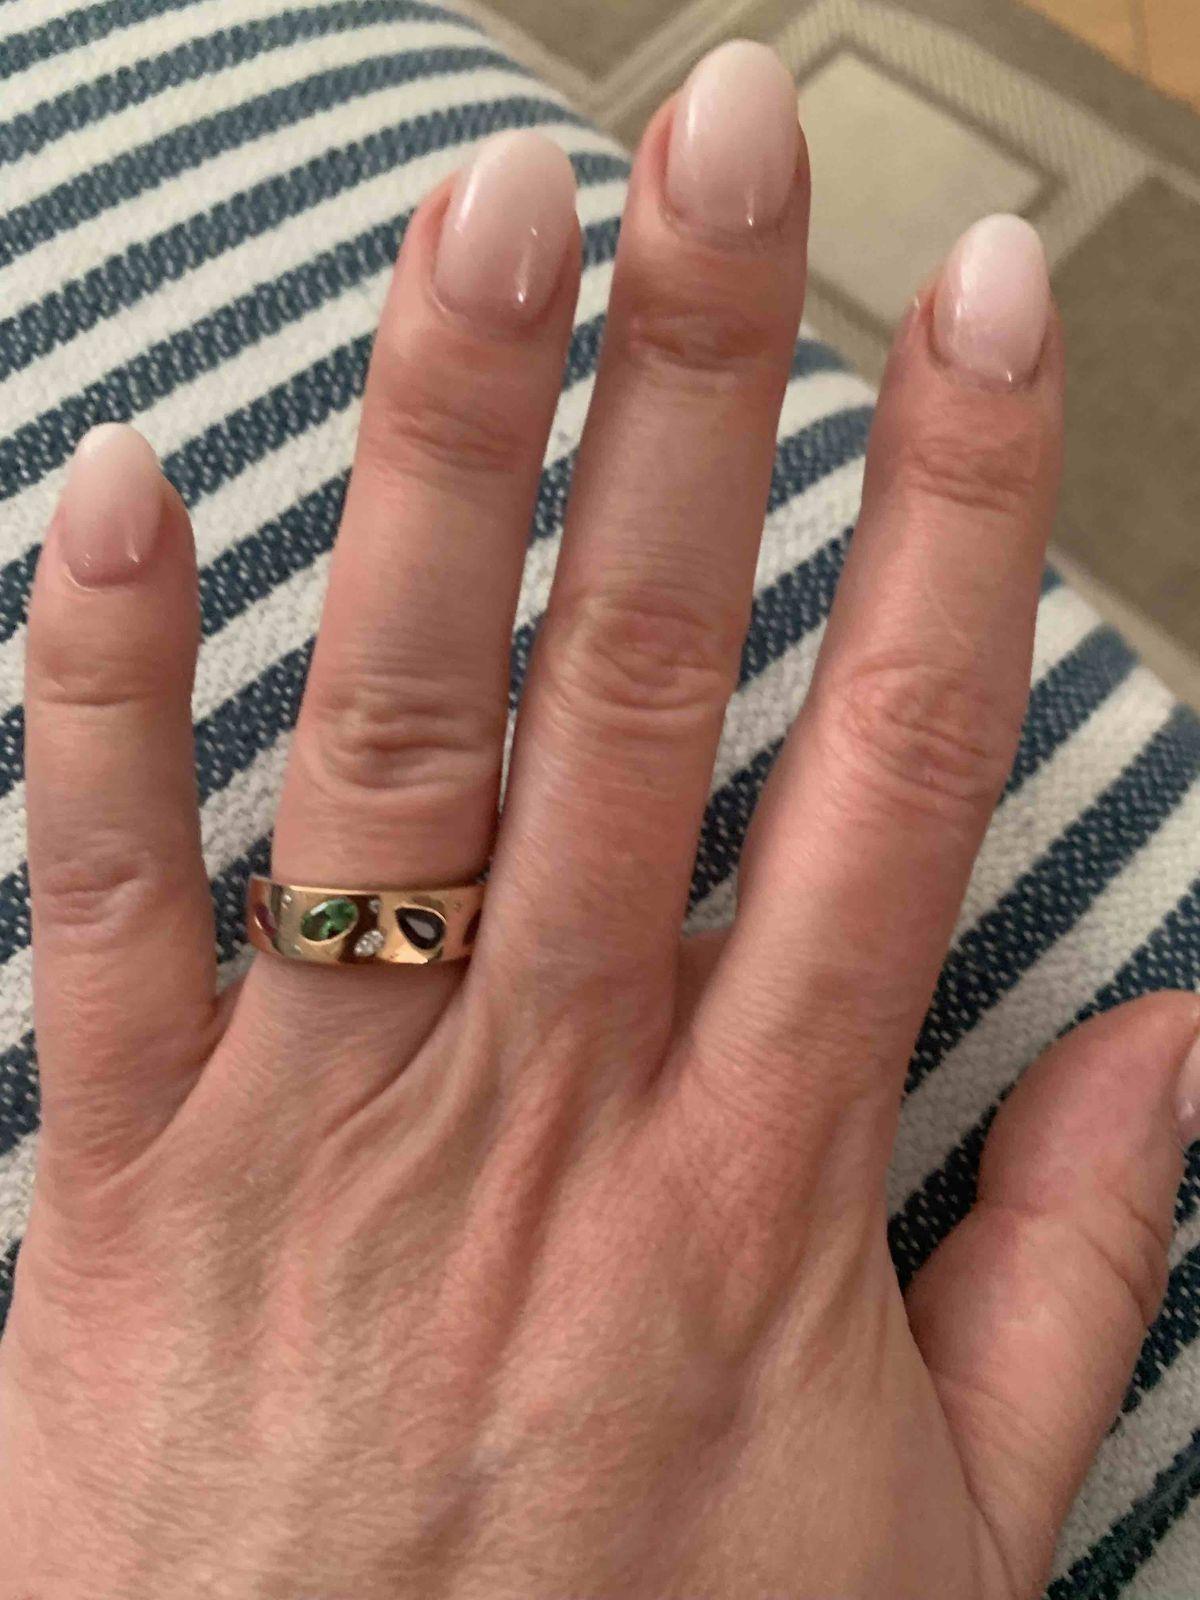 Чудесное кольцо, превзошло все ожидания!